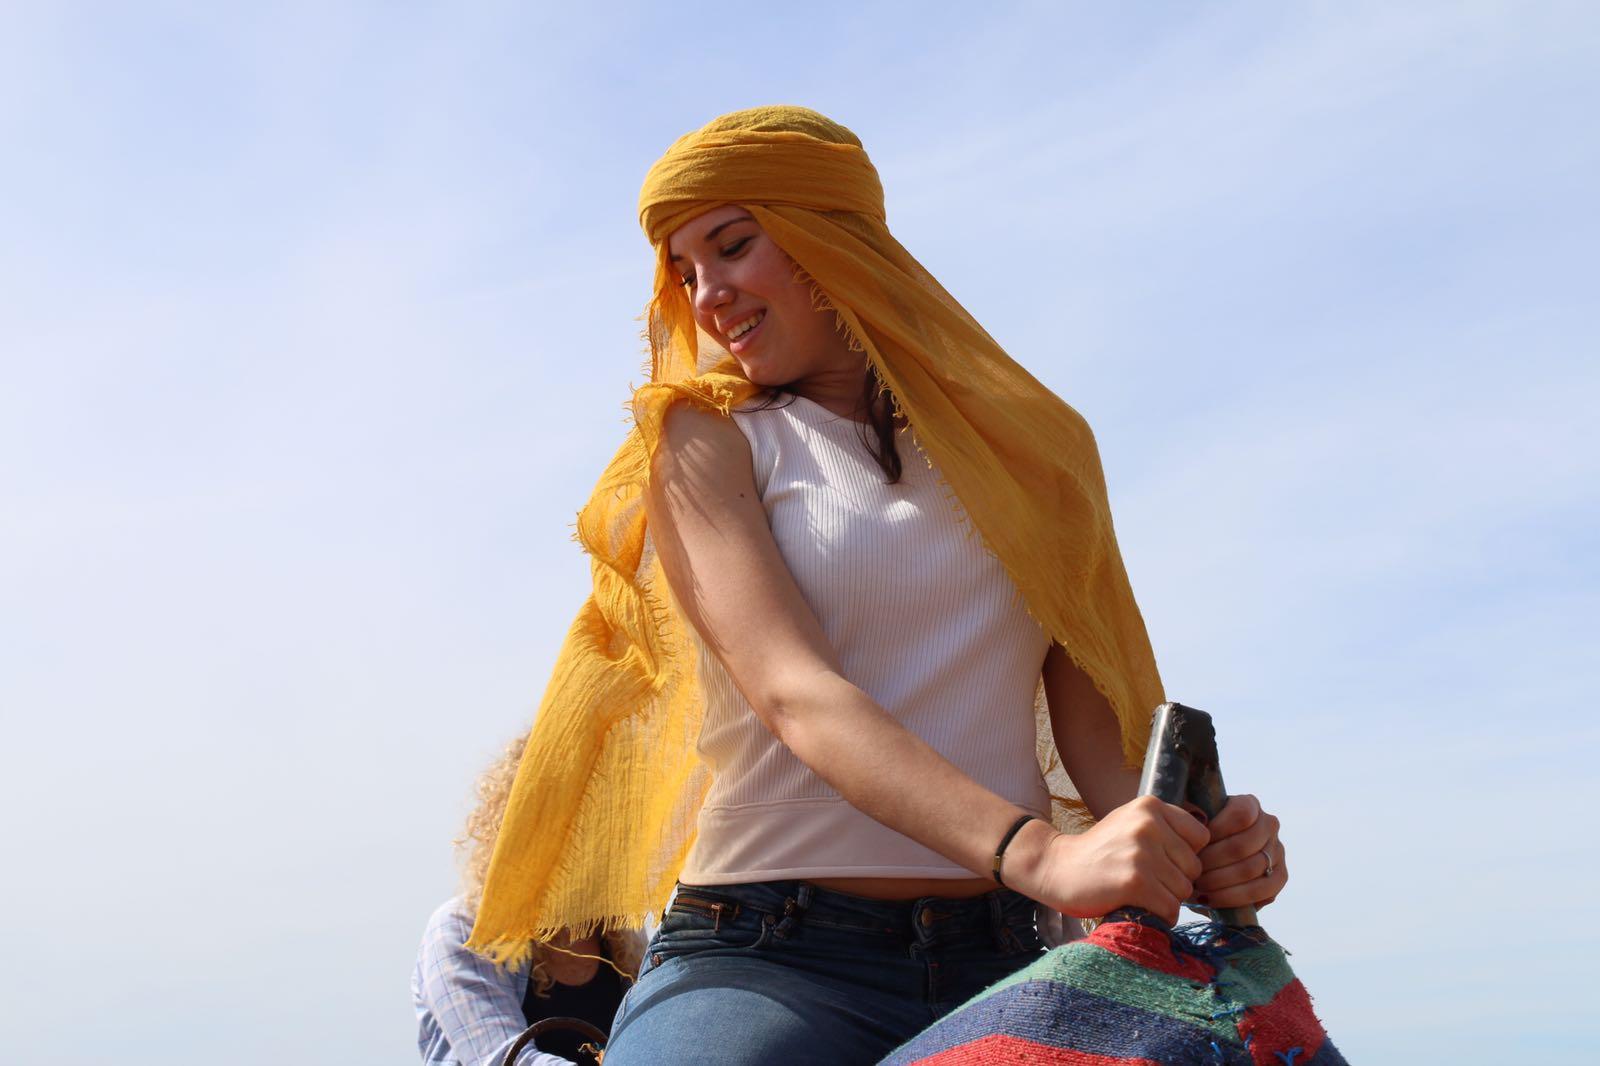 Sul cammello in Marocco